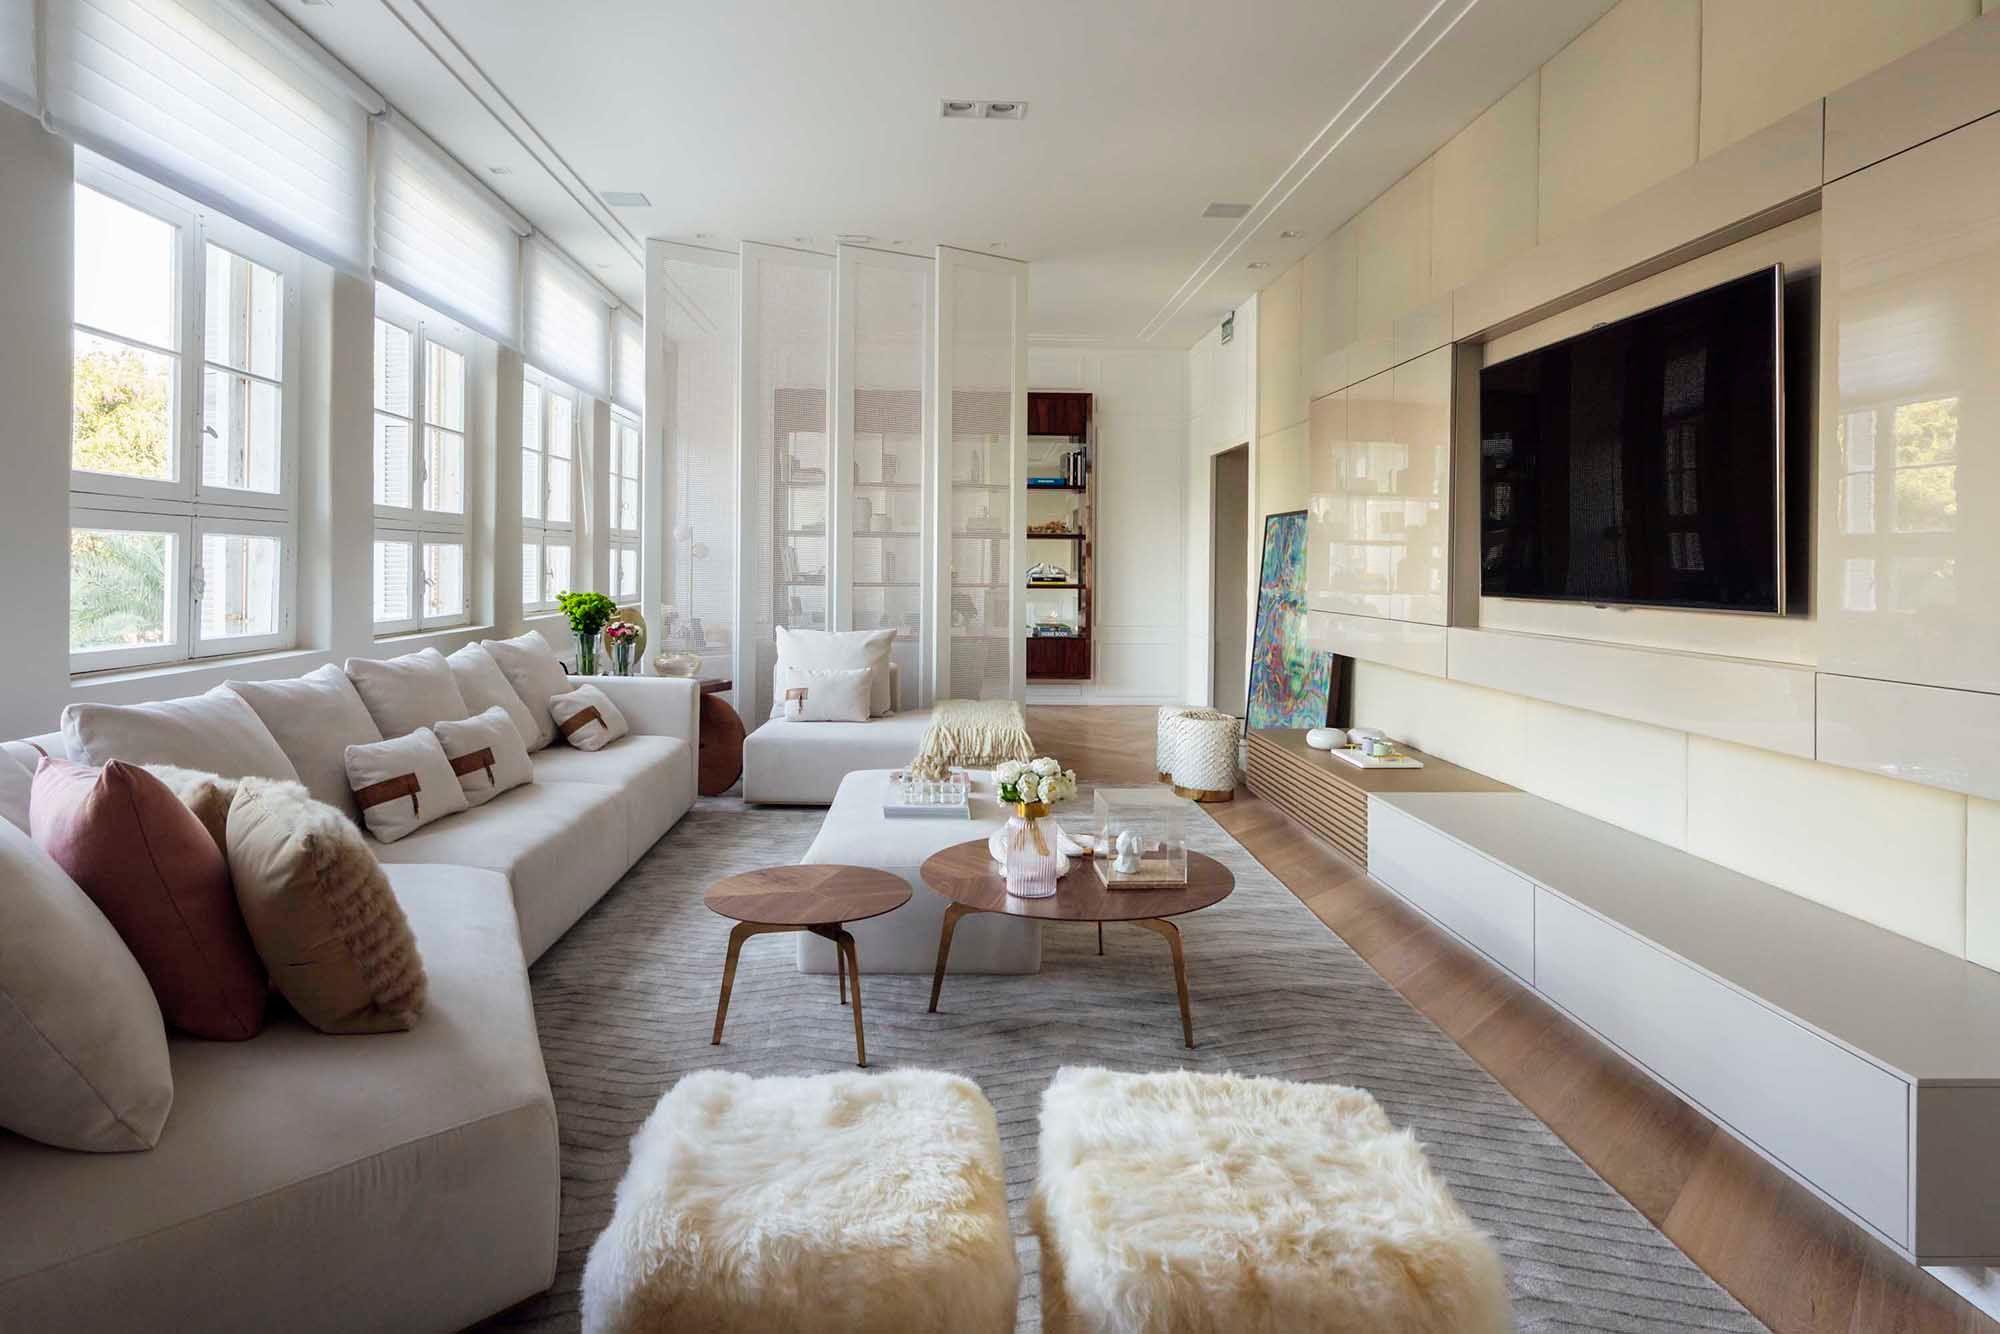 Sala com paredes e moveis brancos decorada para o inverno